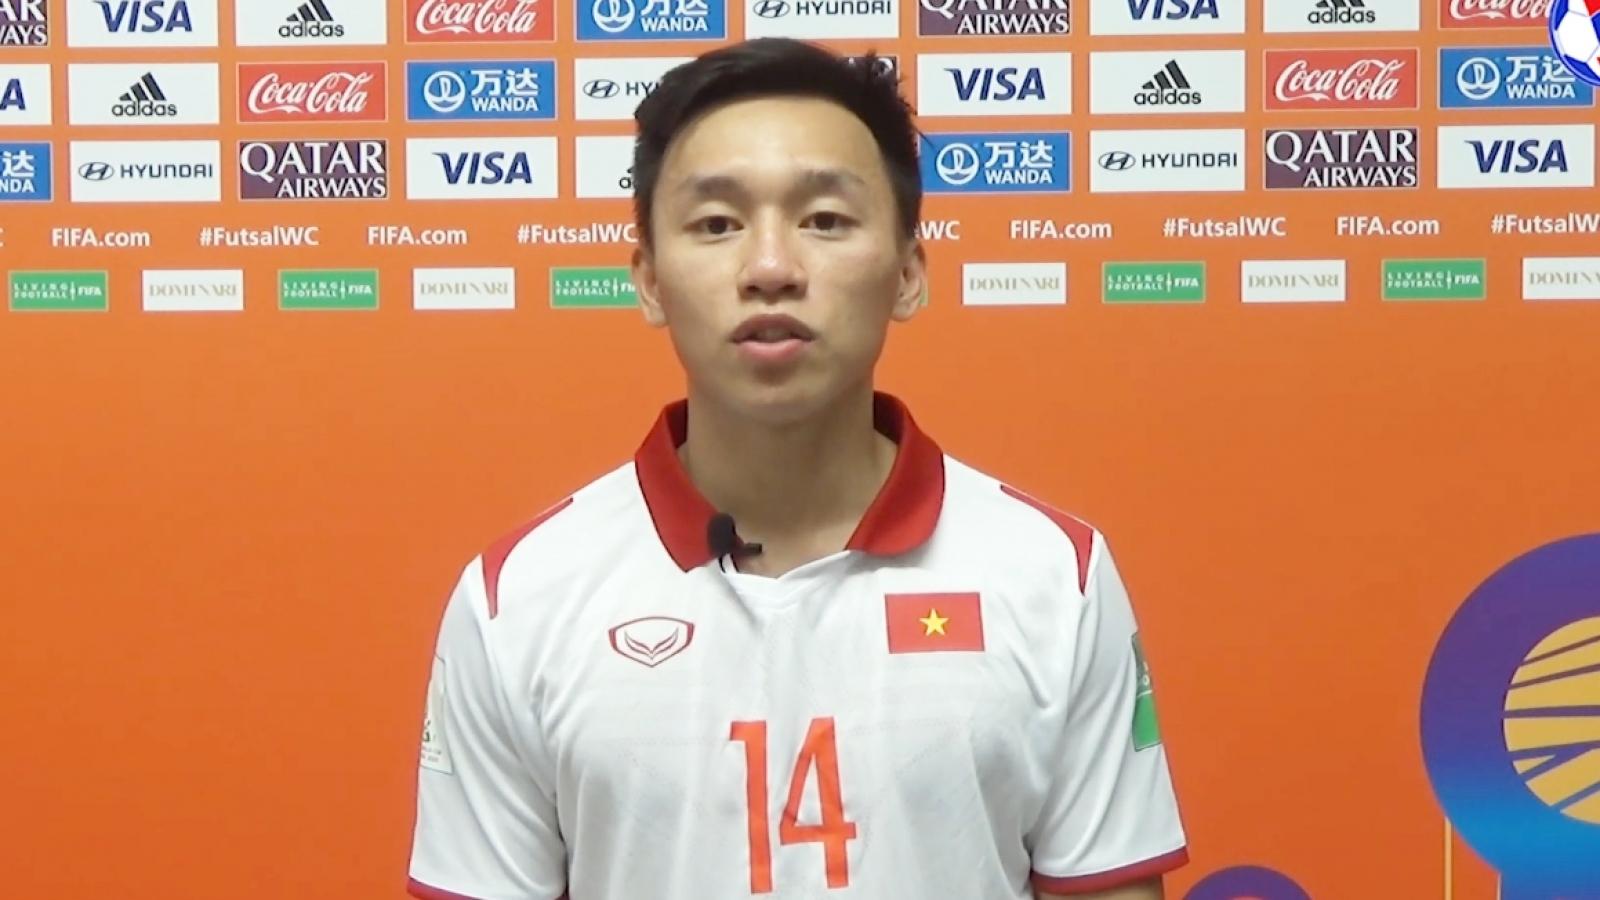 Nguyễn Văn Hiếu nói gì về khoảnh khắc xuất thần giúp ĐT Futsal Việt Nam thắng trận?